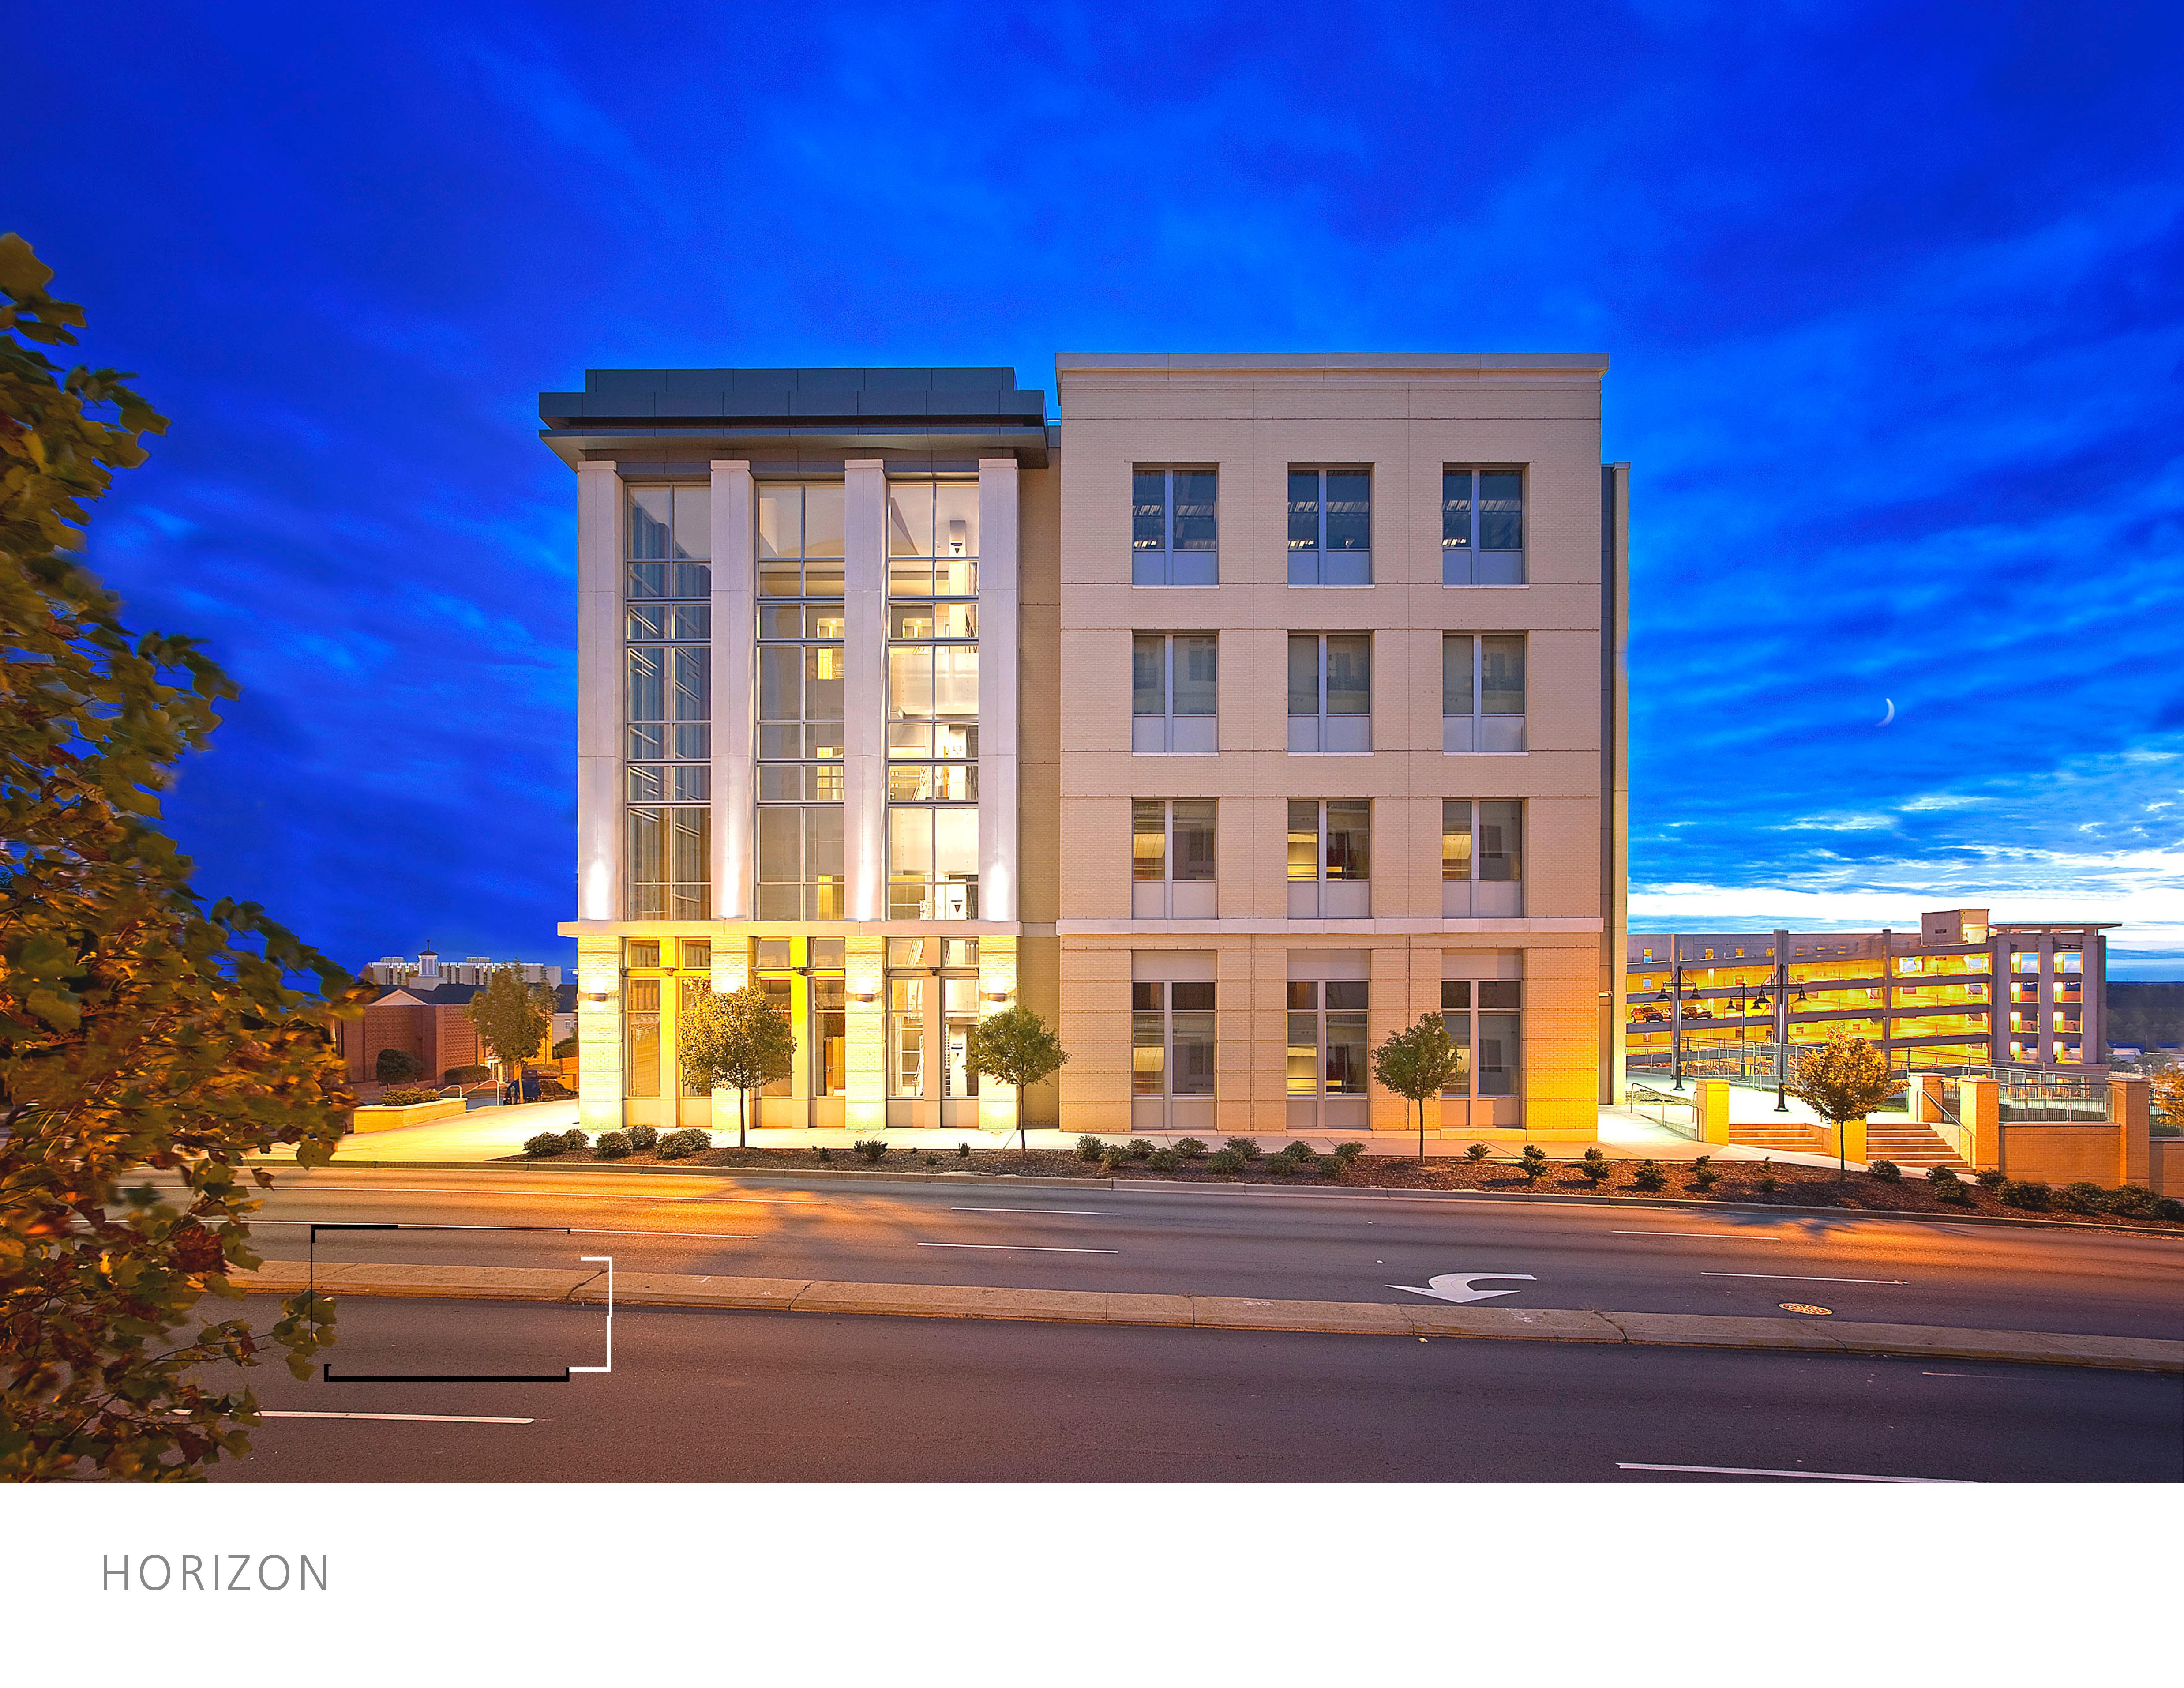 usc horizon  research facility architect magazine watson tate savory columbia sc united